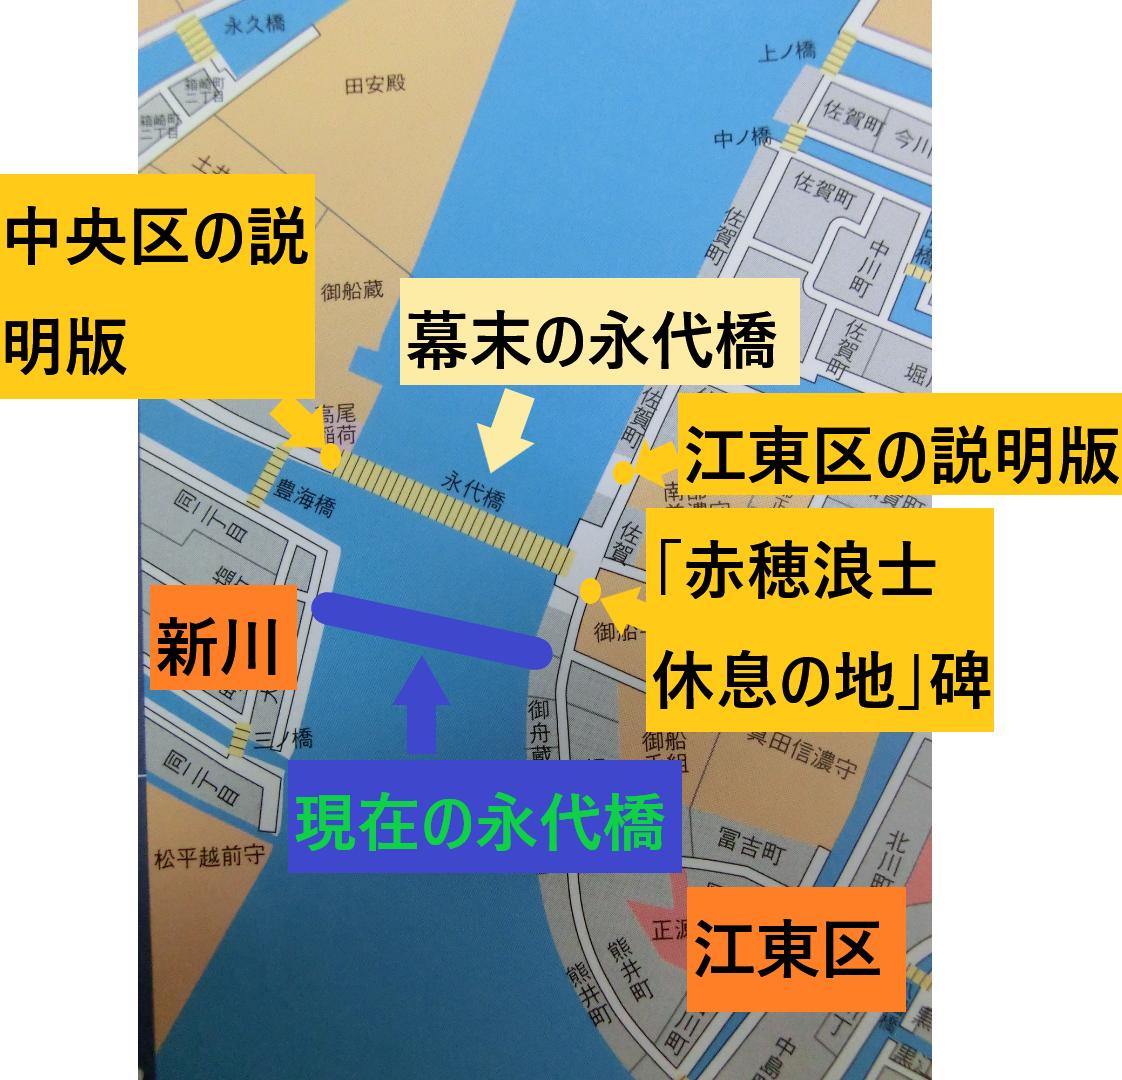 幕末と現在の永代橋 新川散策記事2